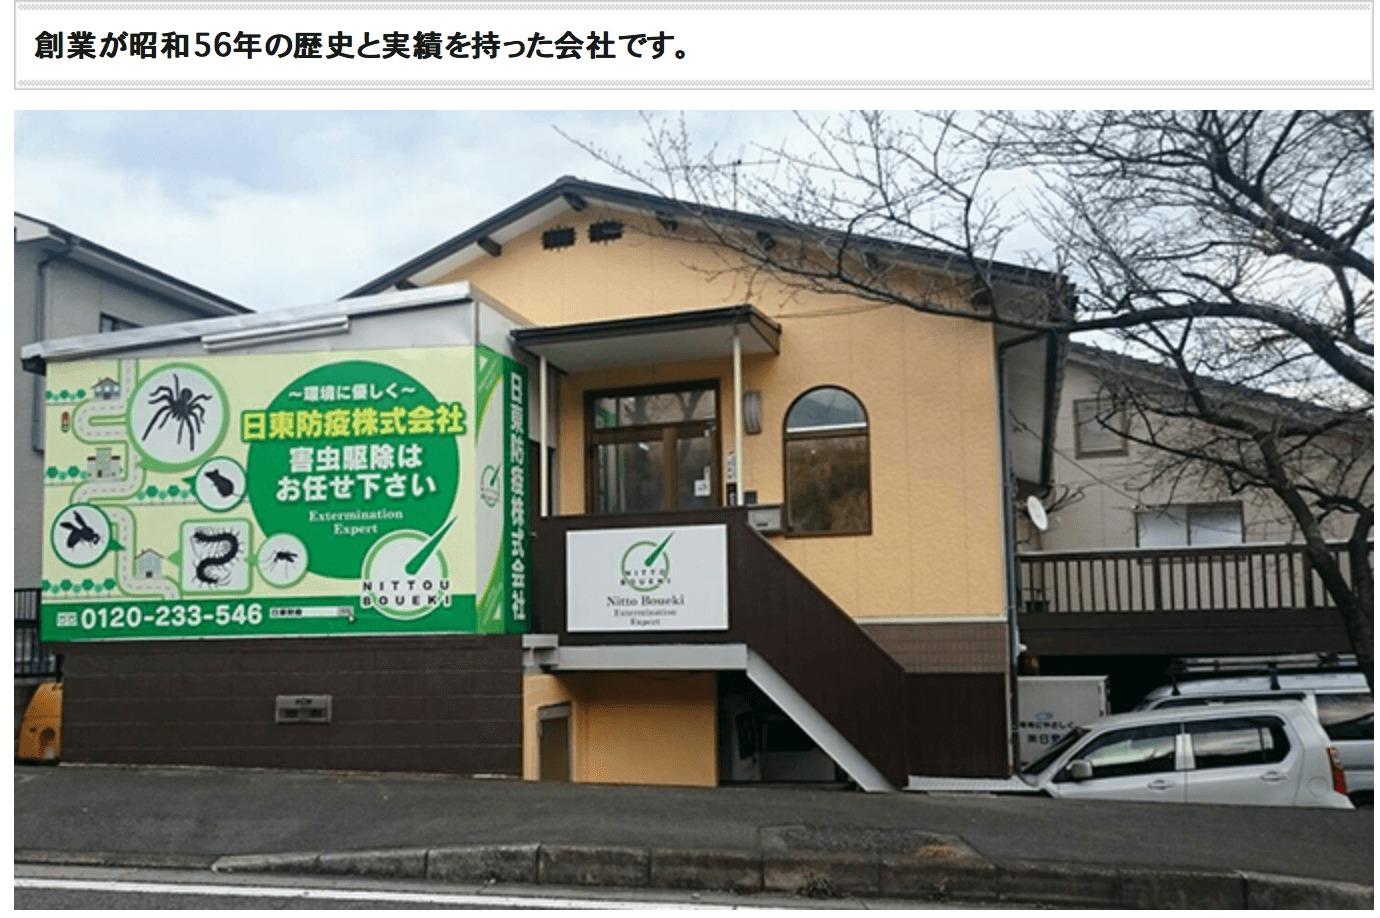 日東防疫は、大分や広島で対応している害獣駆除業者